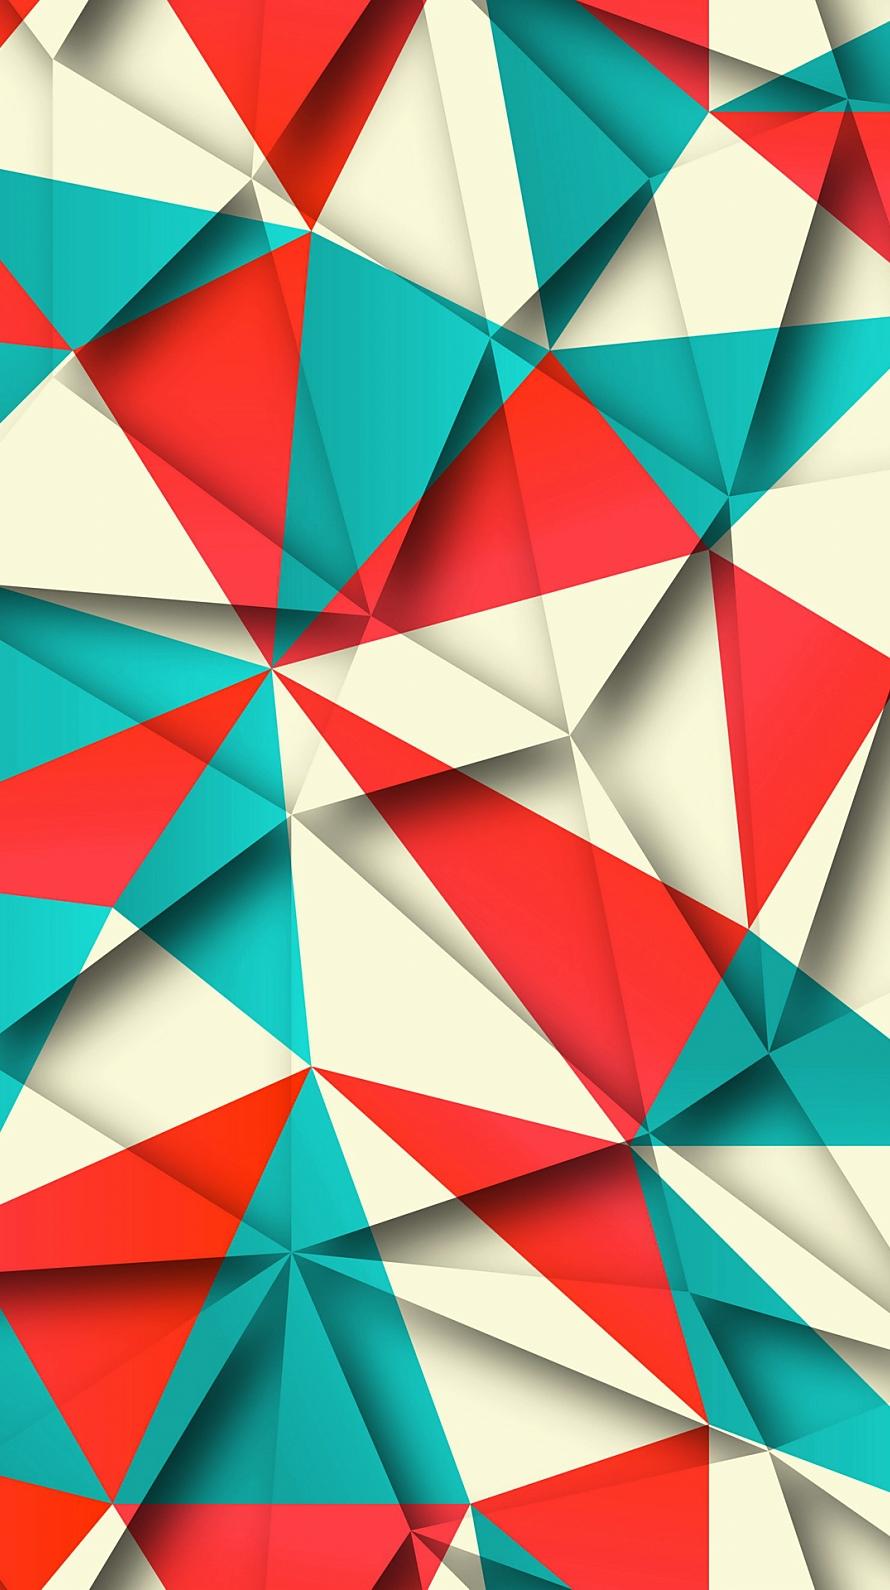 赤 緑 白のポリゴン Iphone6壁紙 Wallpaperbox